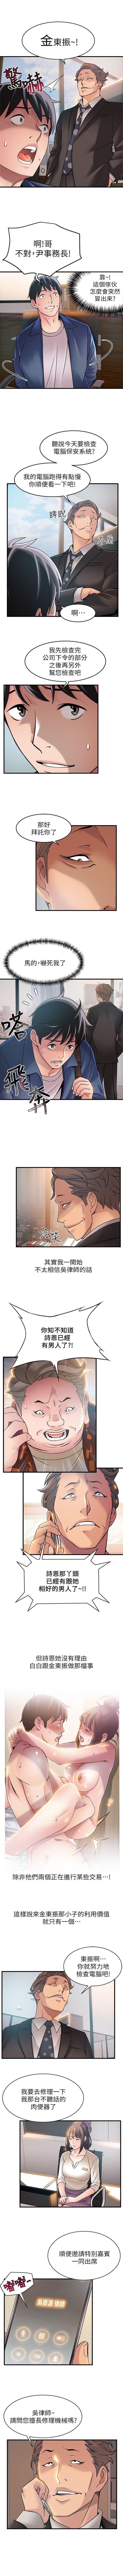 弱点 1-64 中文翻译(更新中) 148